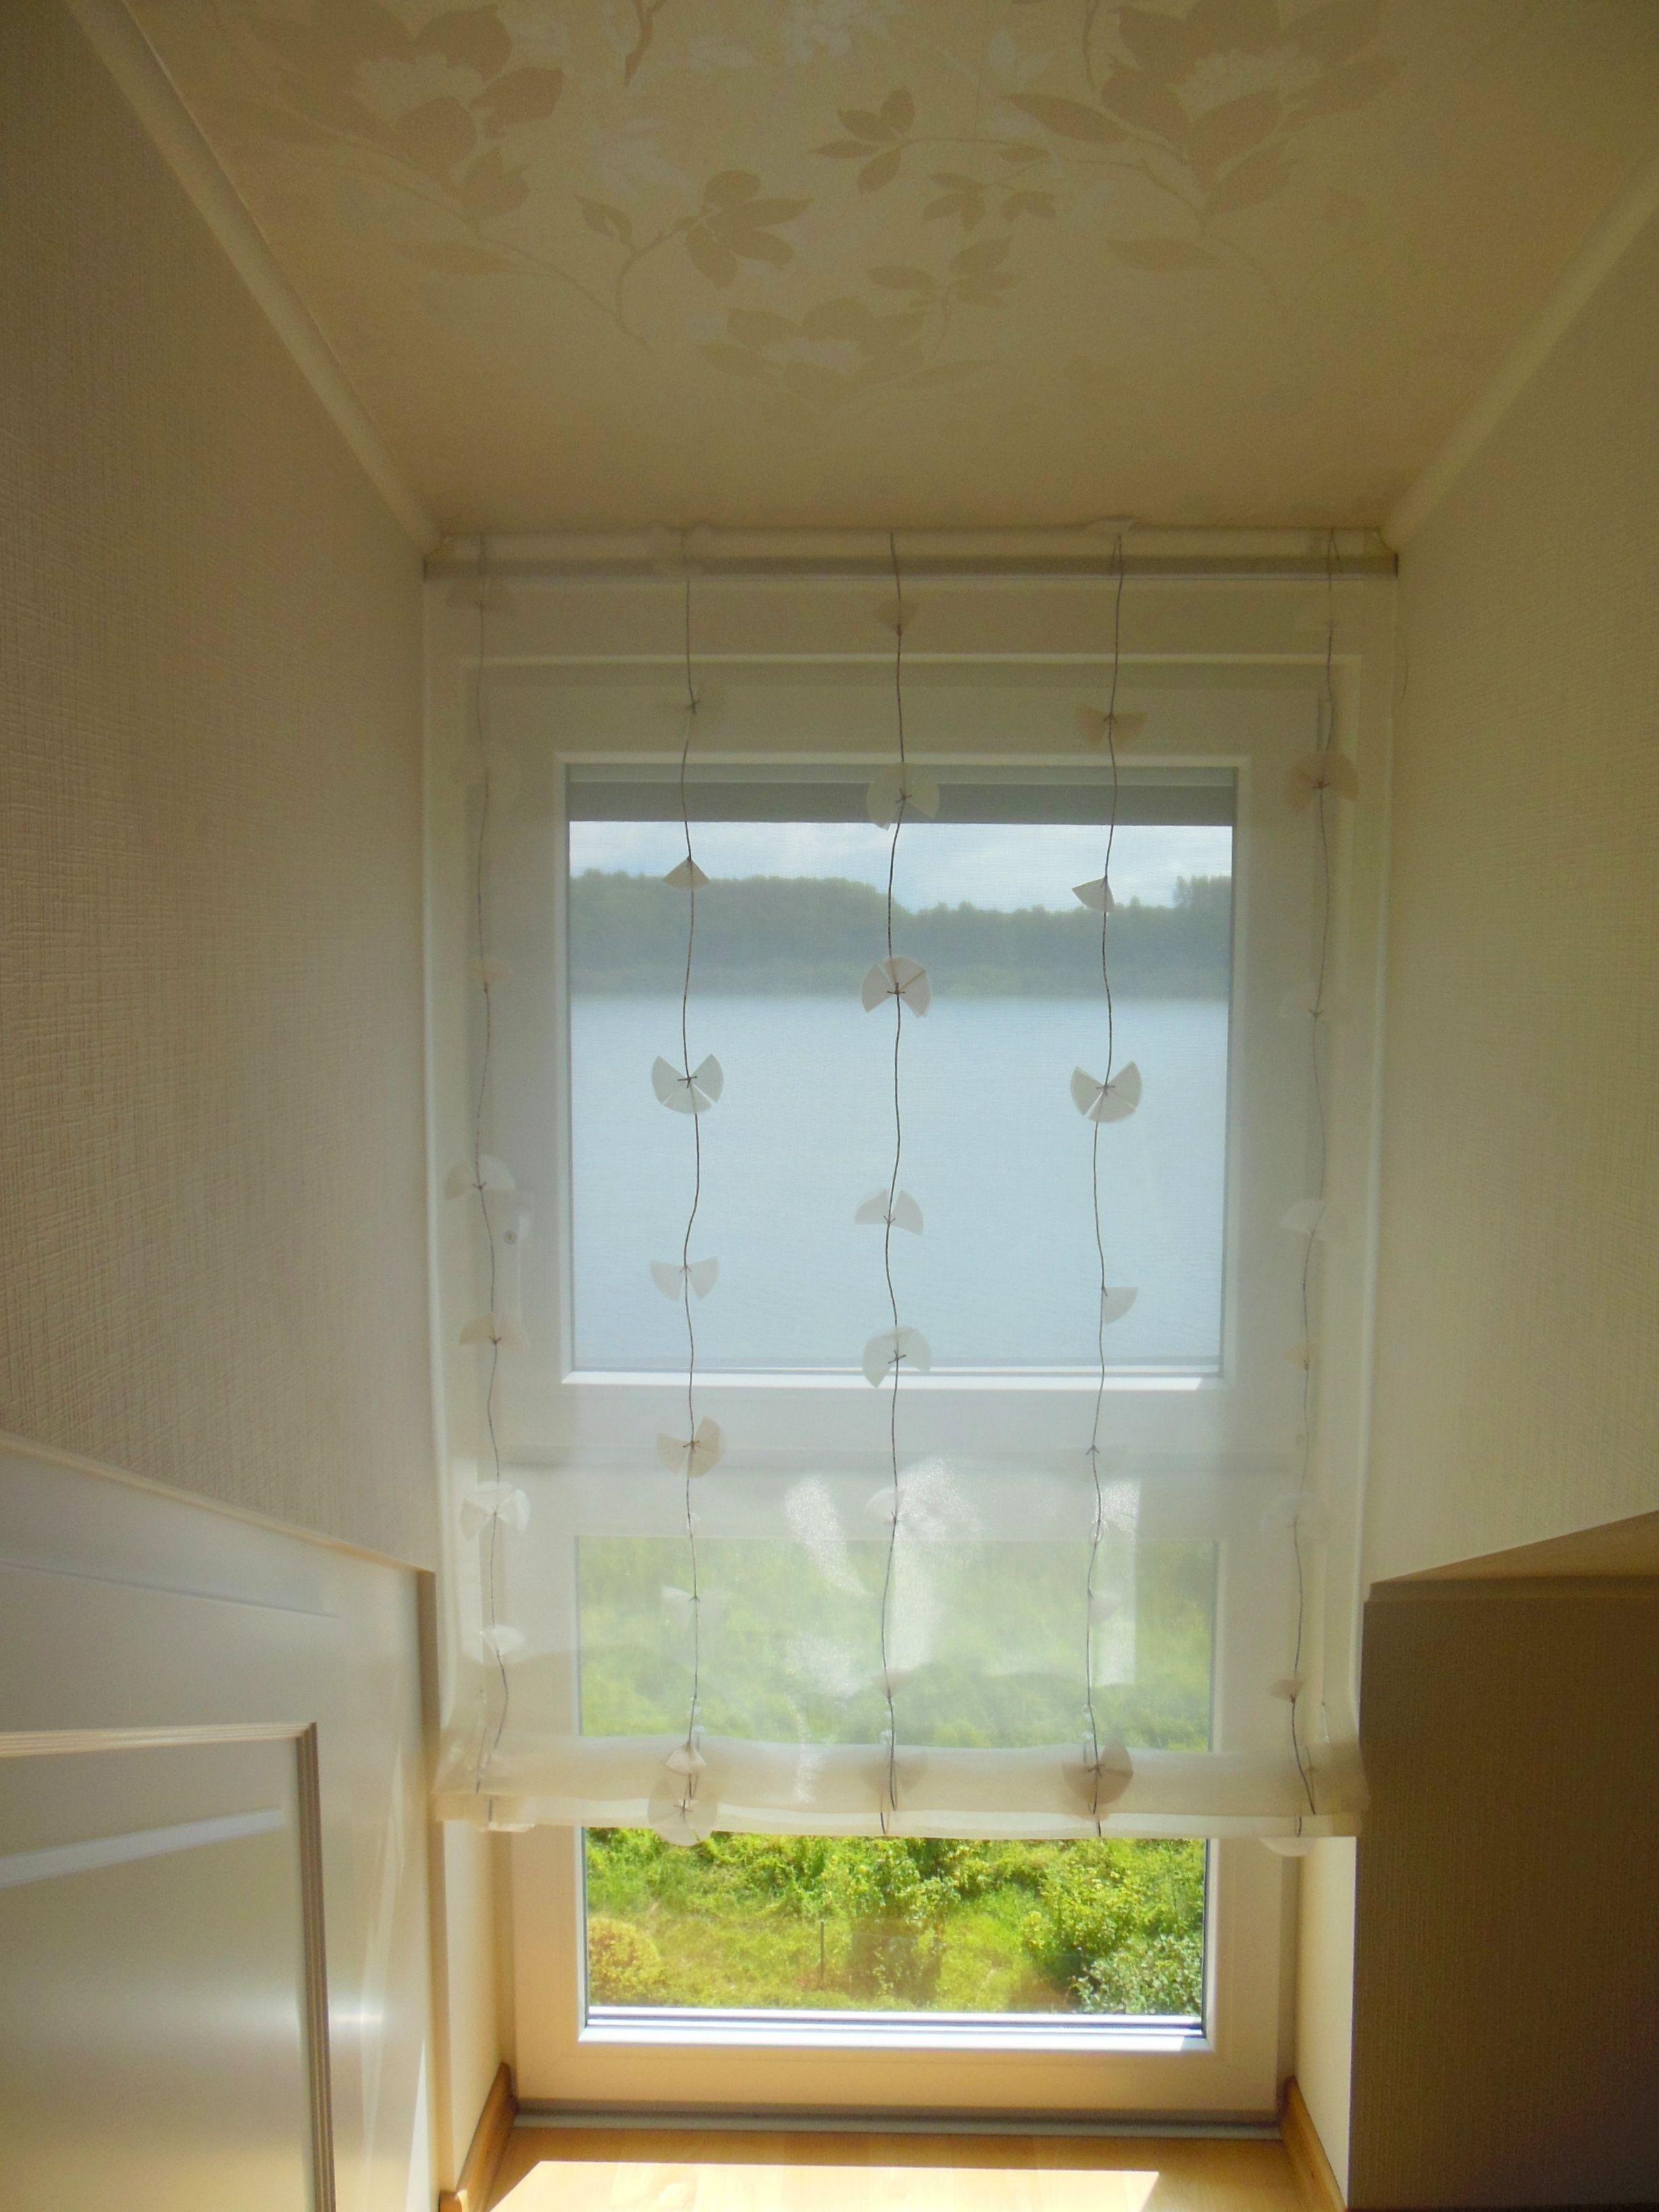 Luftig leichtes raffrollo als transparente dekoration im for Raumausstatter dekorateur